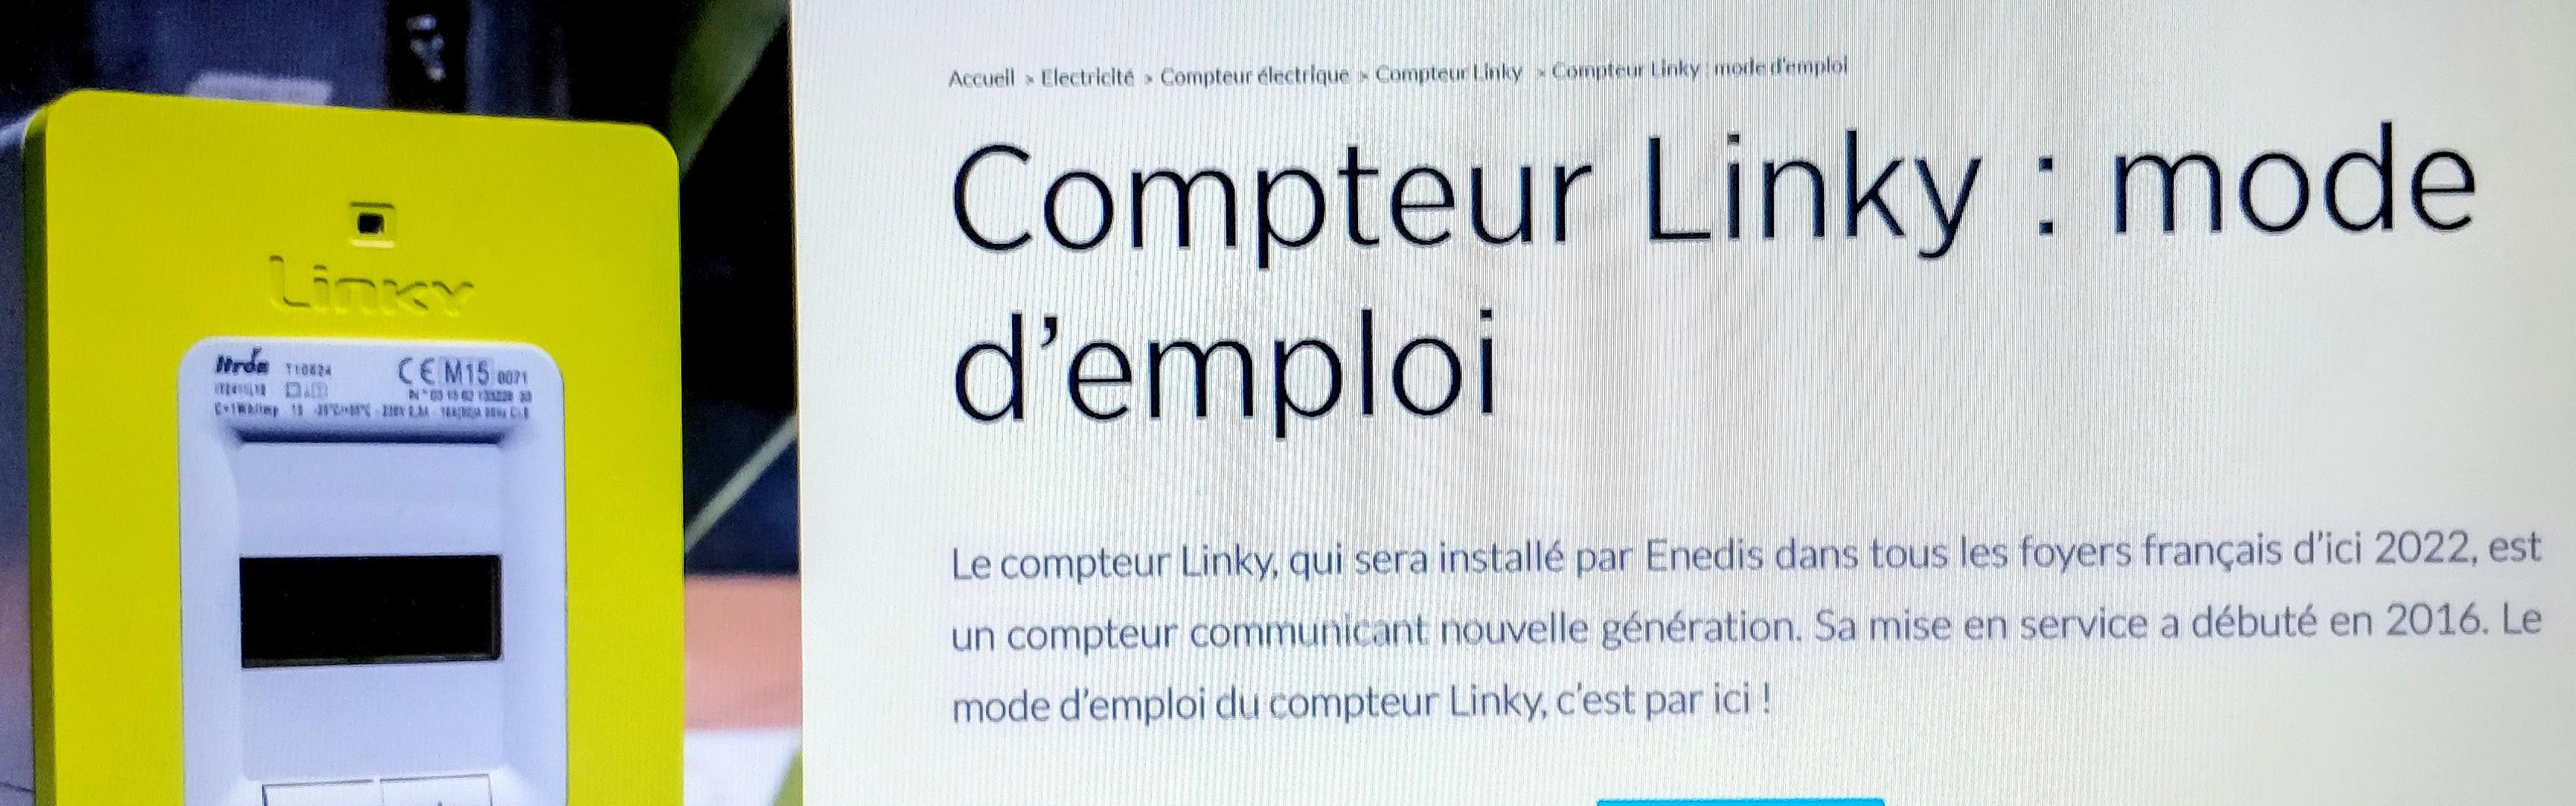 Calendrier De Deploiement De Linky.Mairie De Challes Les Eaux Evenements Compteur Linky